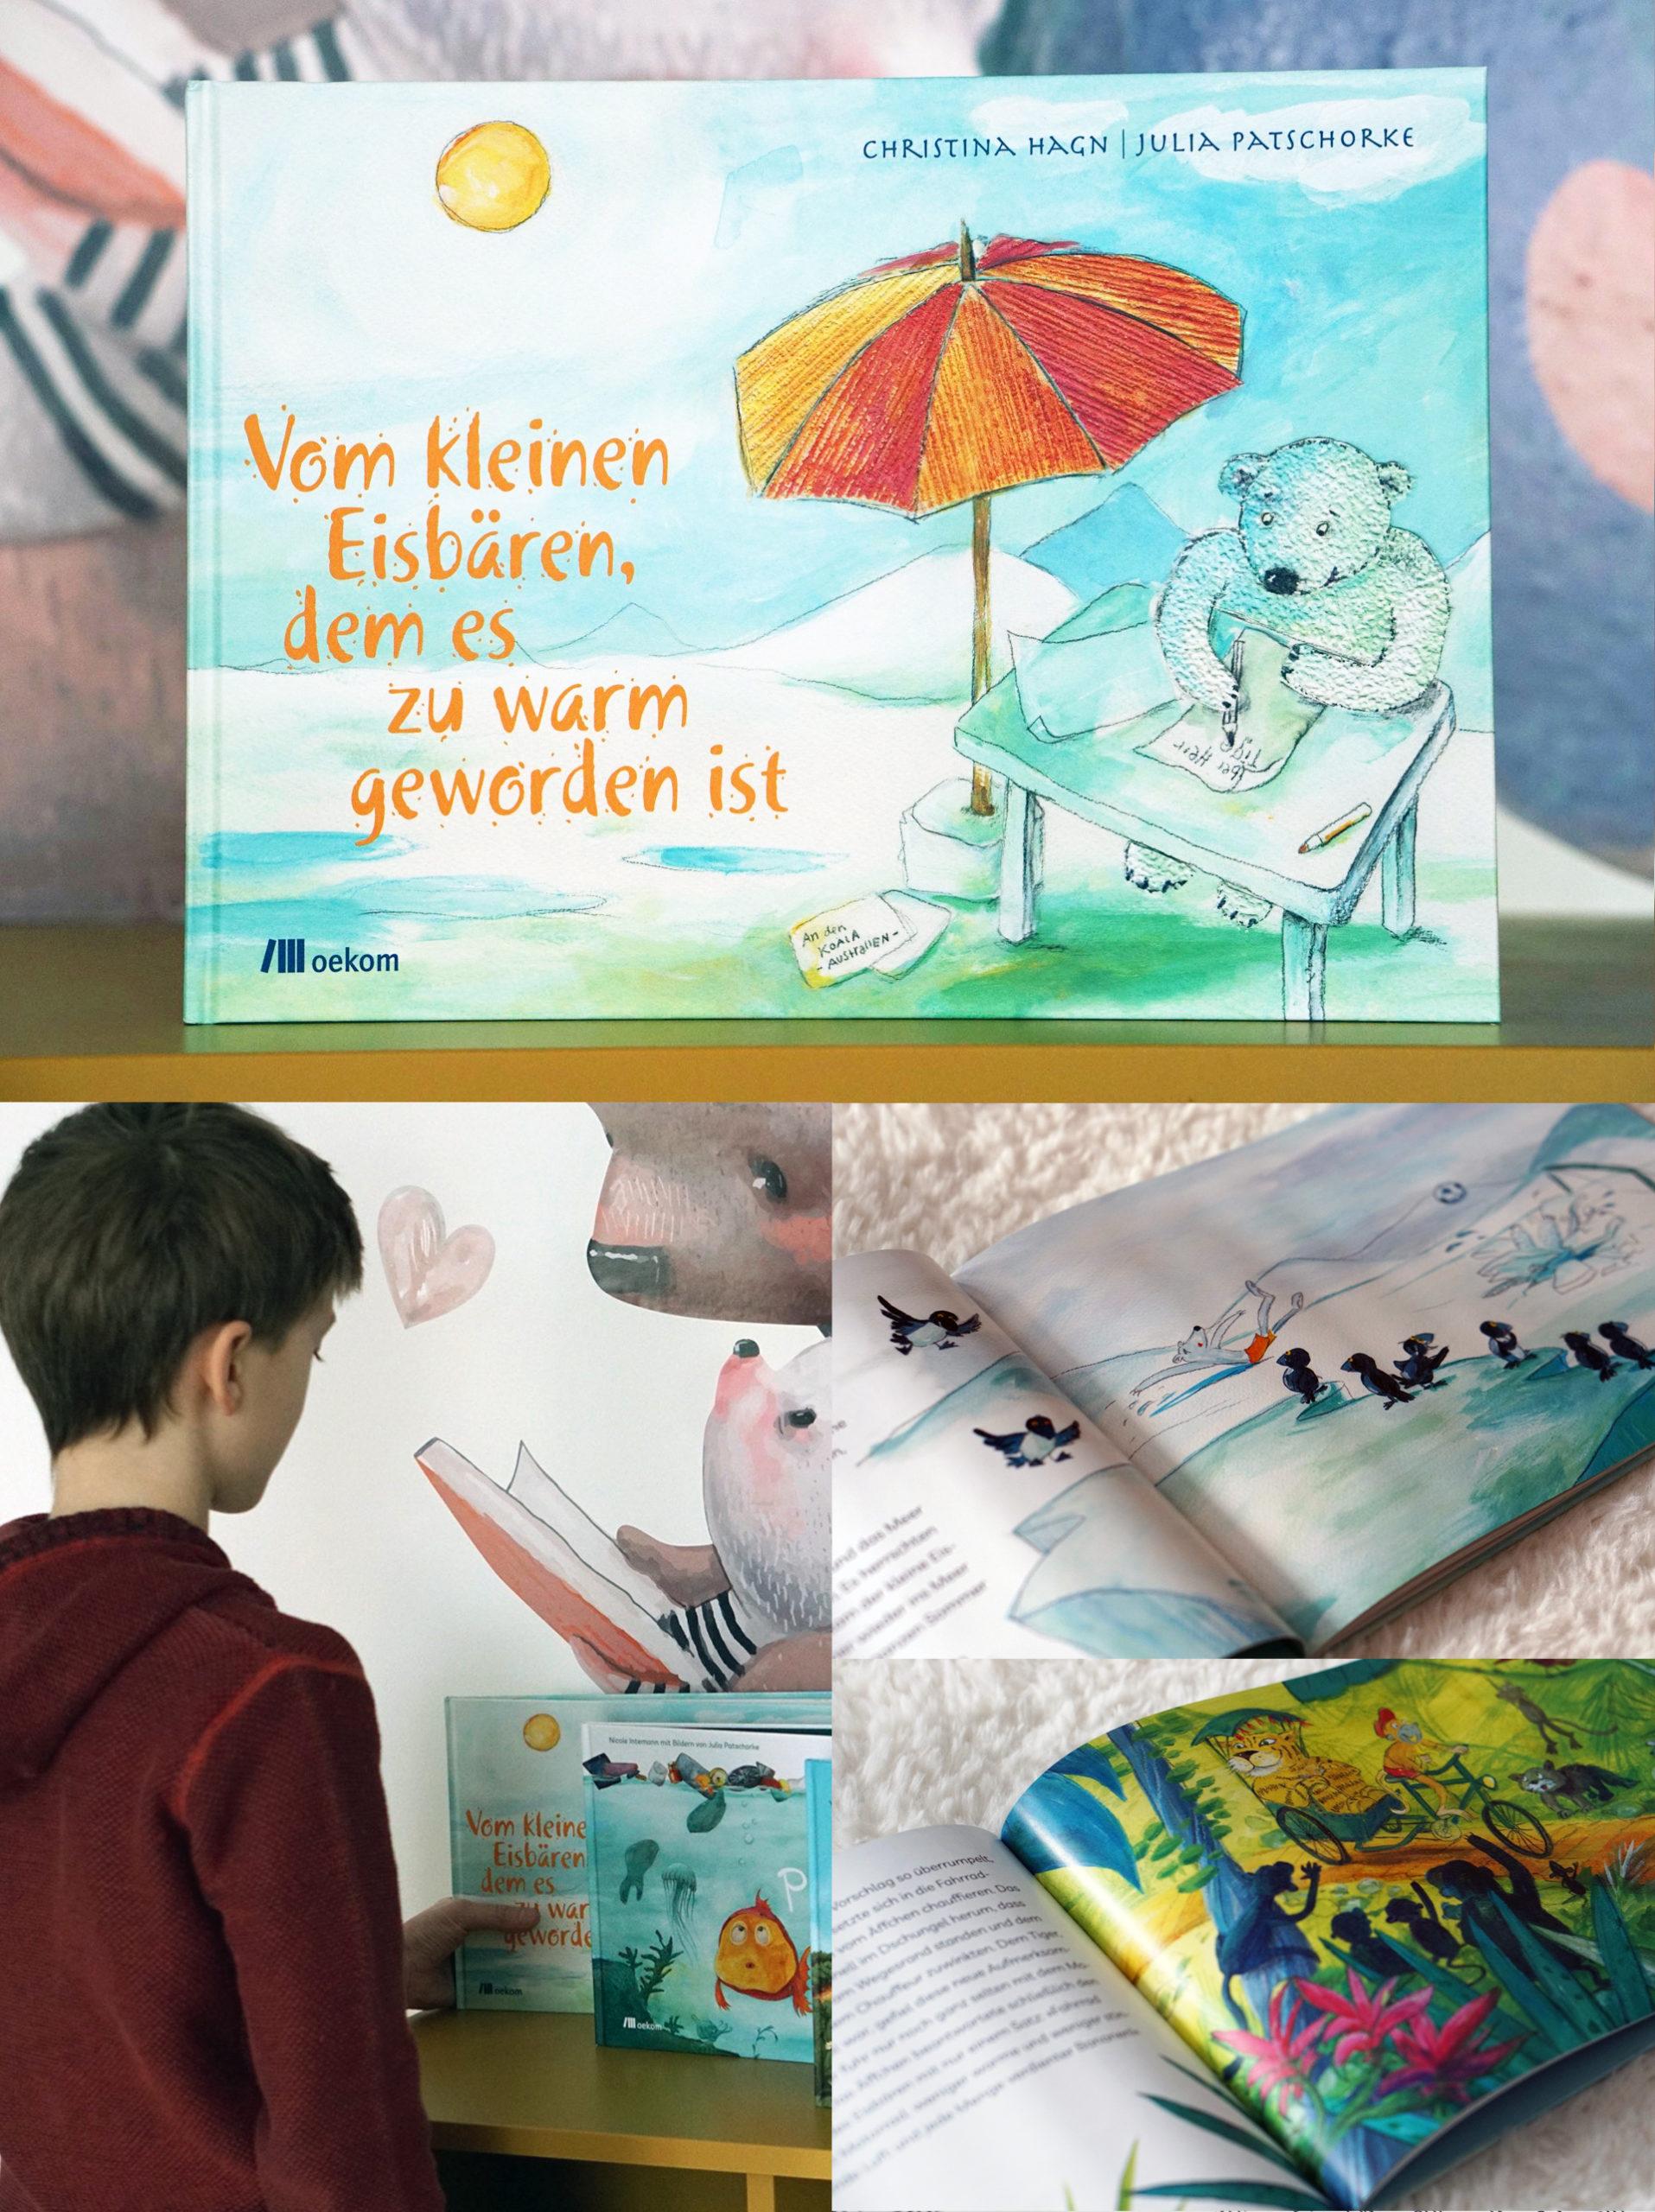 Kinderbuch Vom kleinen Eisbären, dem es zu warm geworden ist oekom Verlag